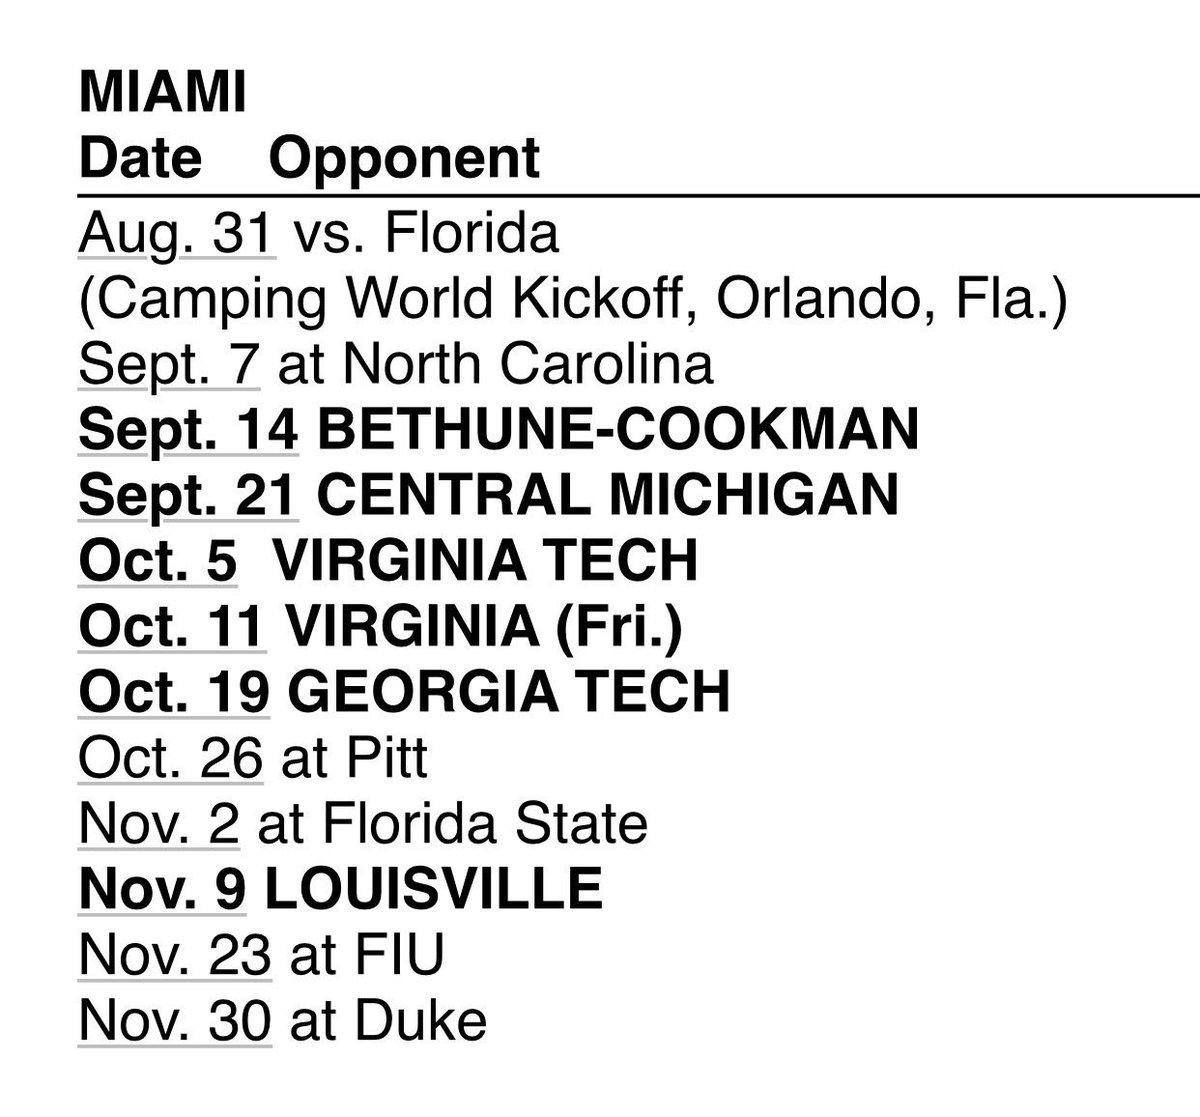 Miami 2019 Football Schedule Manny Navarro on Twitter: